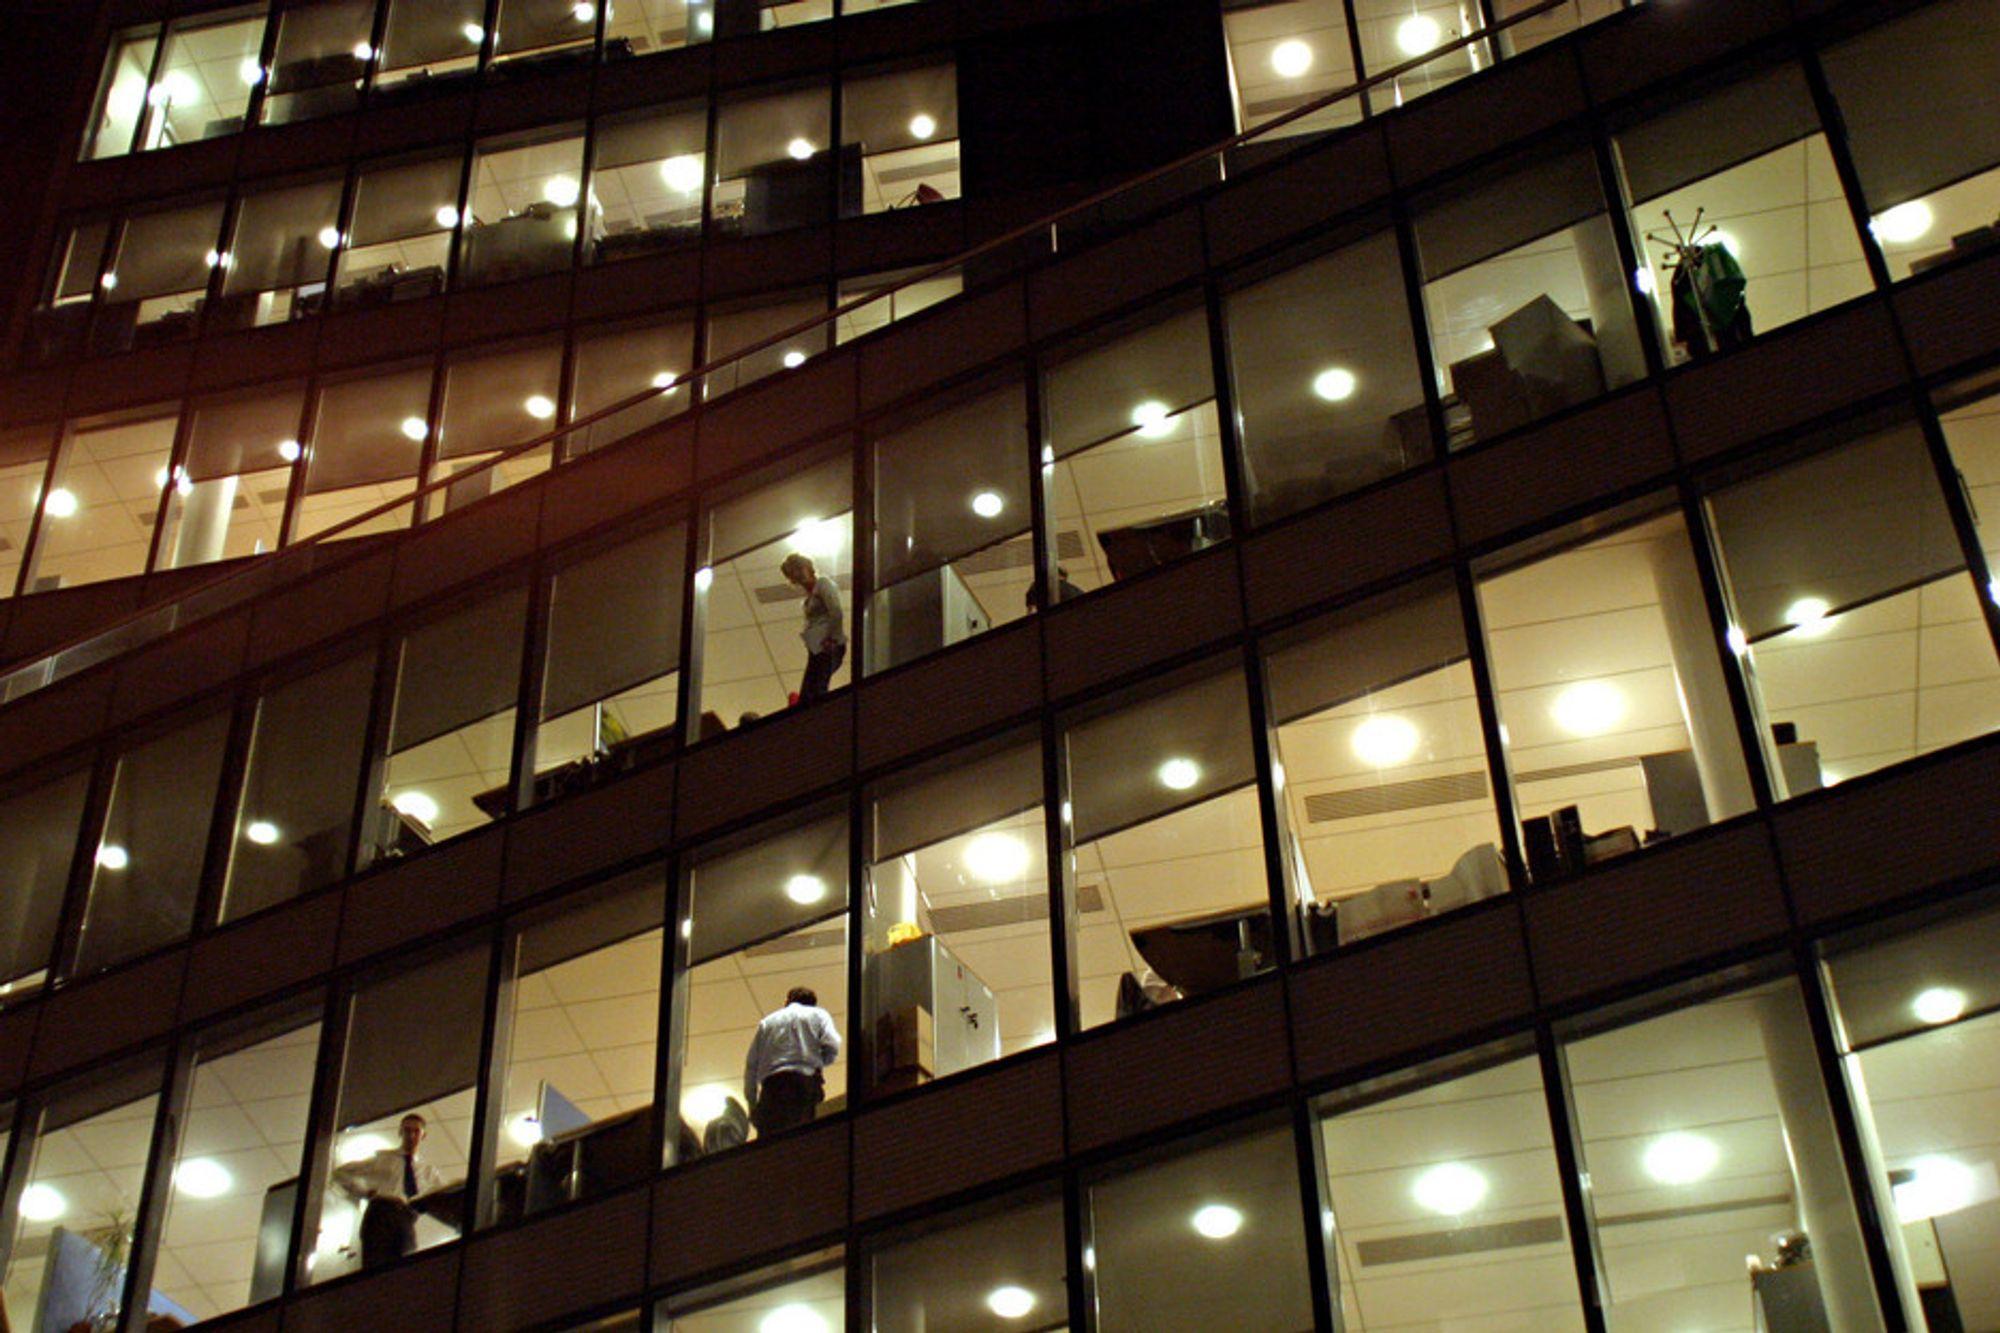 Ni prosent av de spurte arbeidsgiverne i privat sektor oppgir at de har måttet si opp ingeniører det siste året på grunn av bortfall av arbeid.